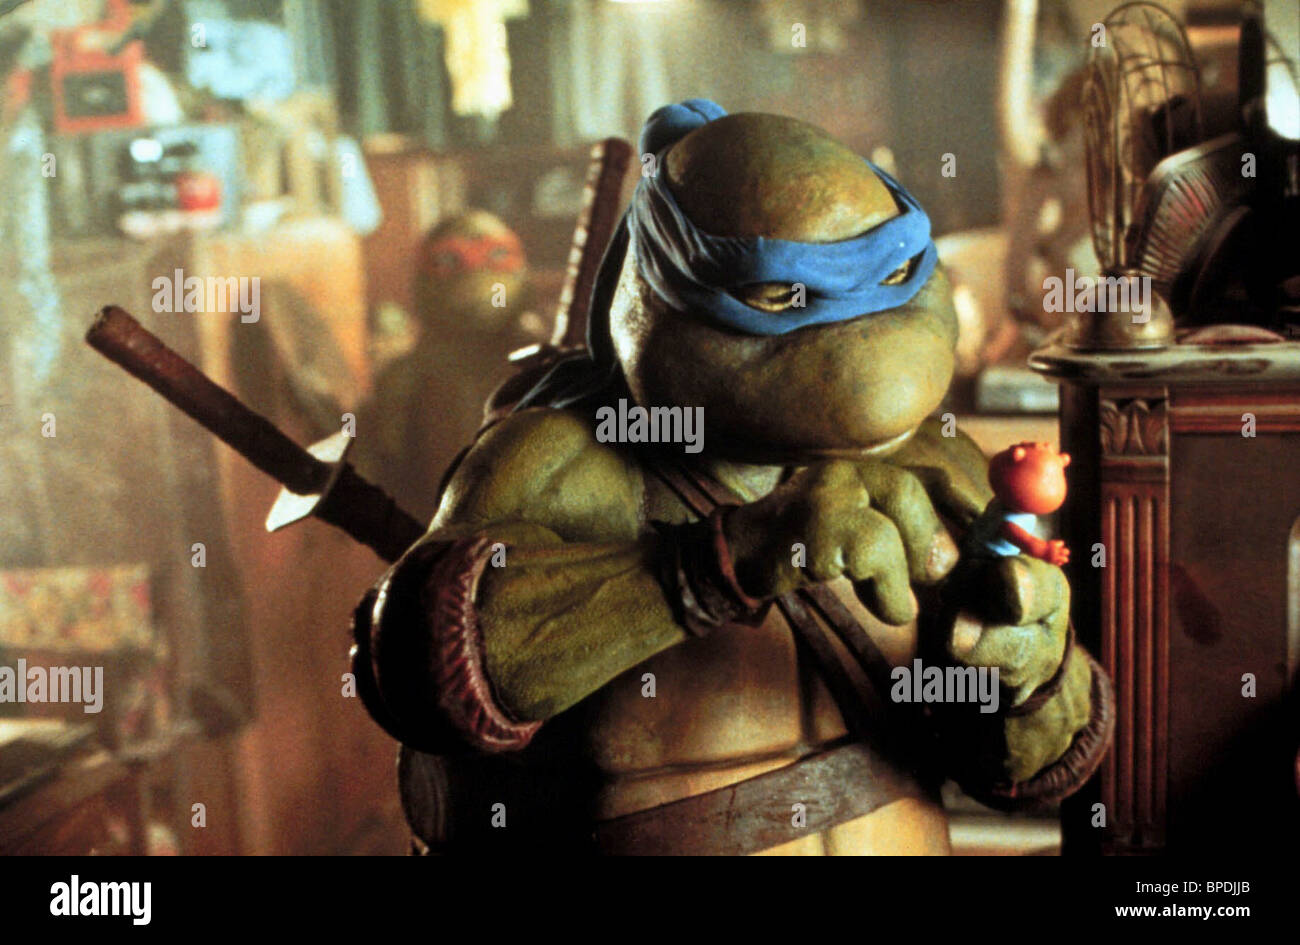 NINJA TURTLE TEENAGE MUTANT NINJA TURTLES (1990) - Stock Image